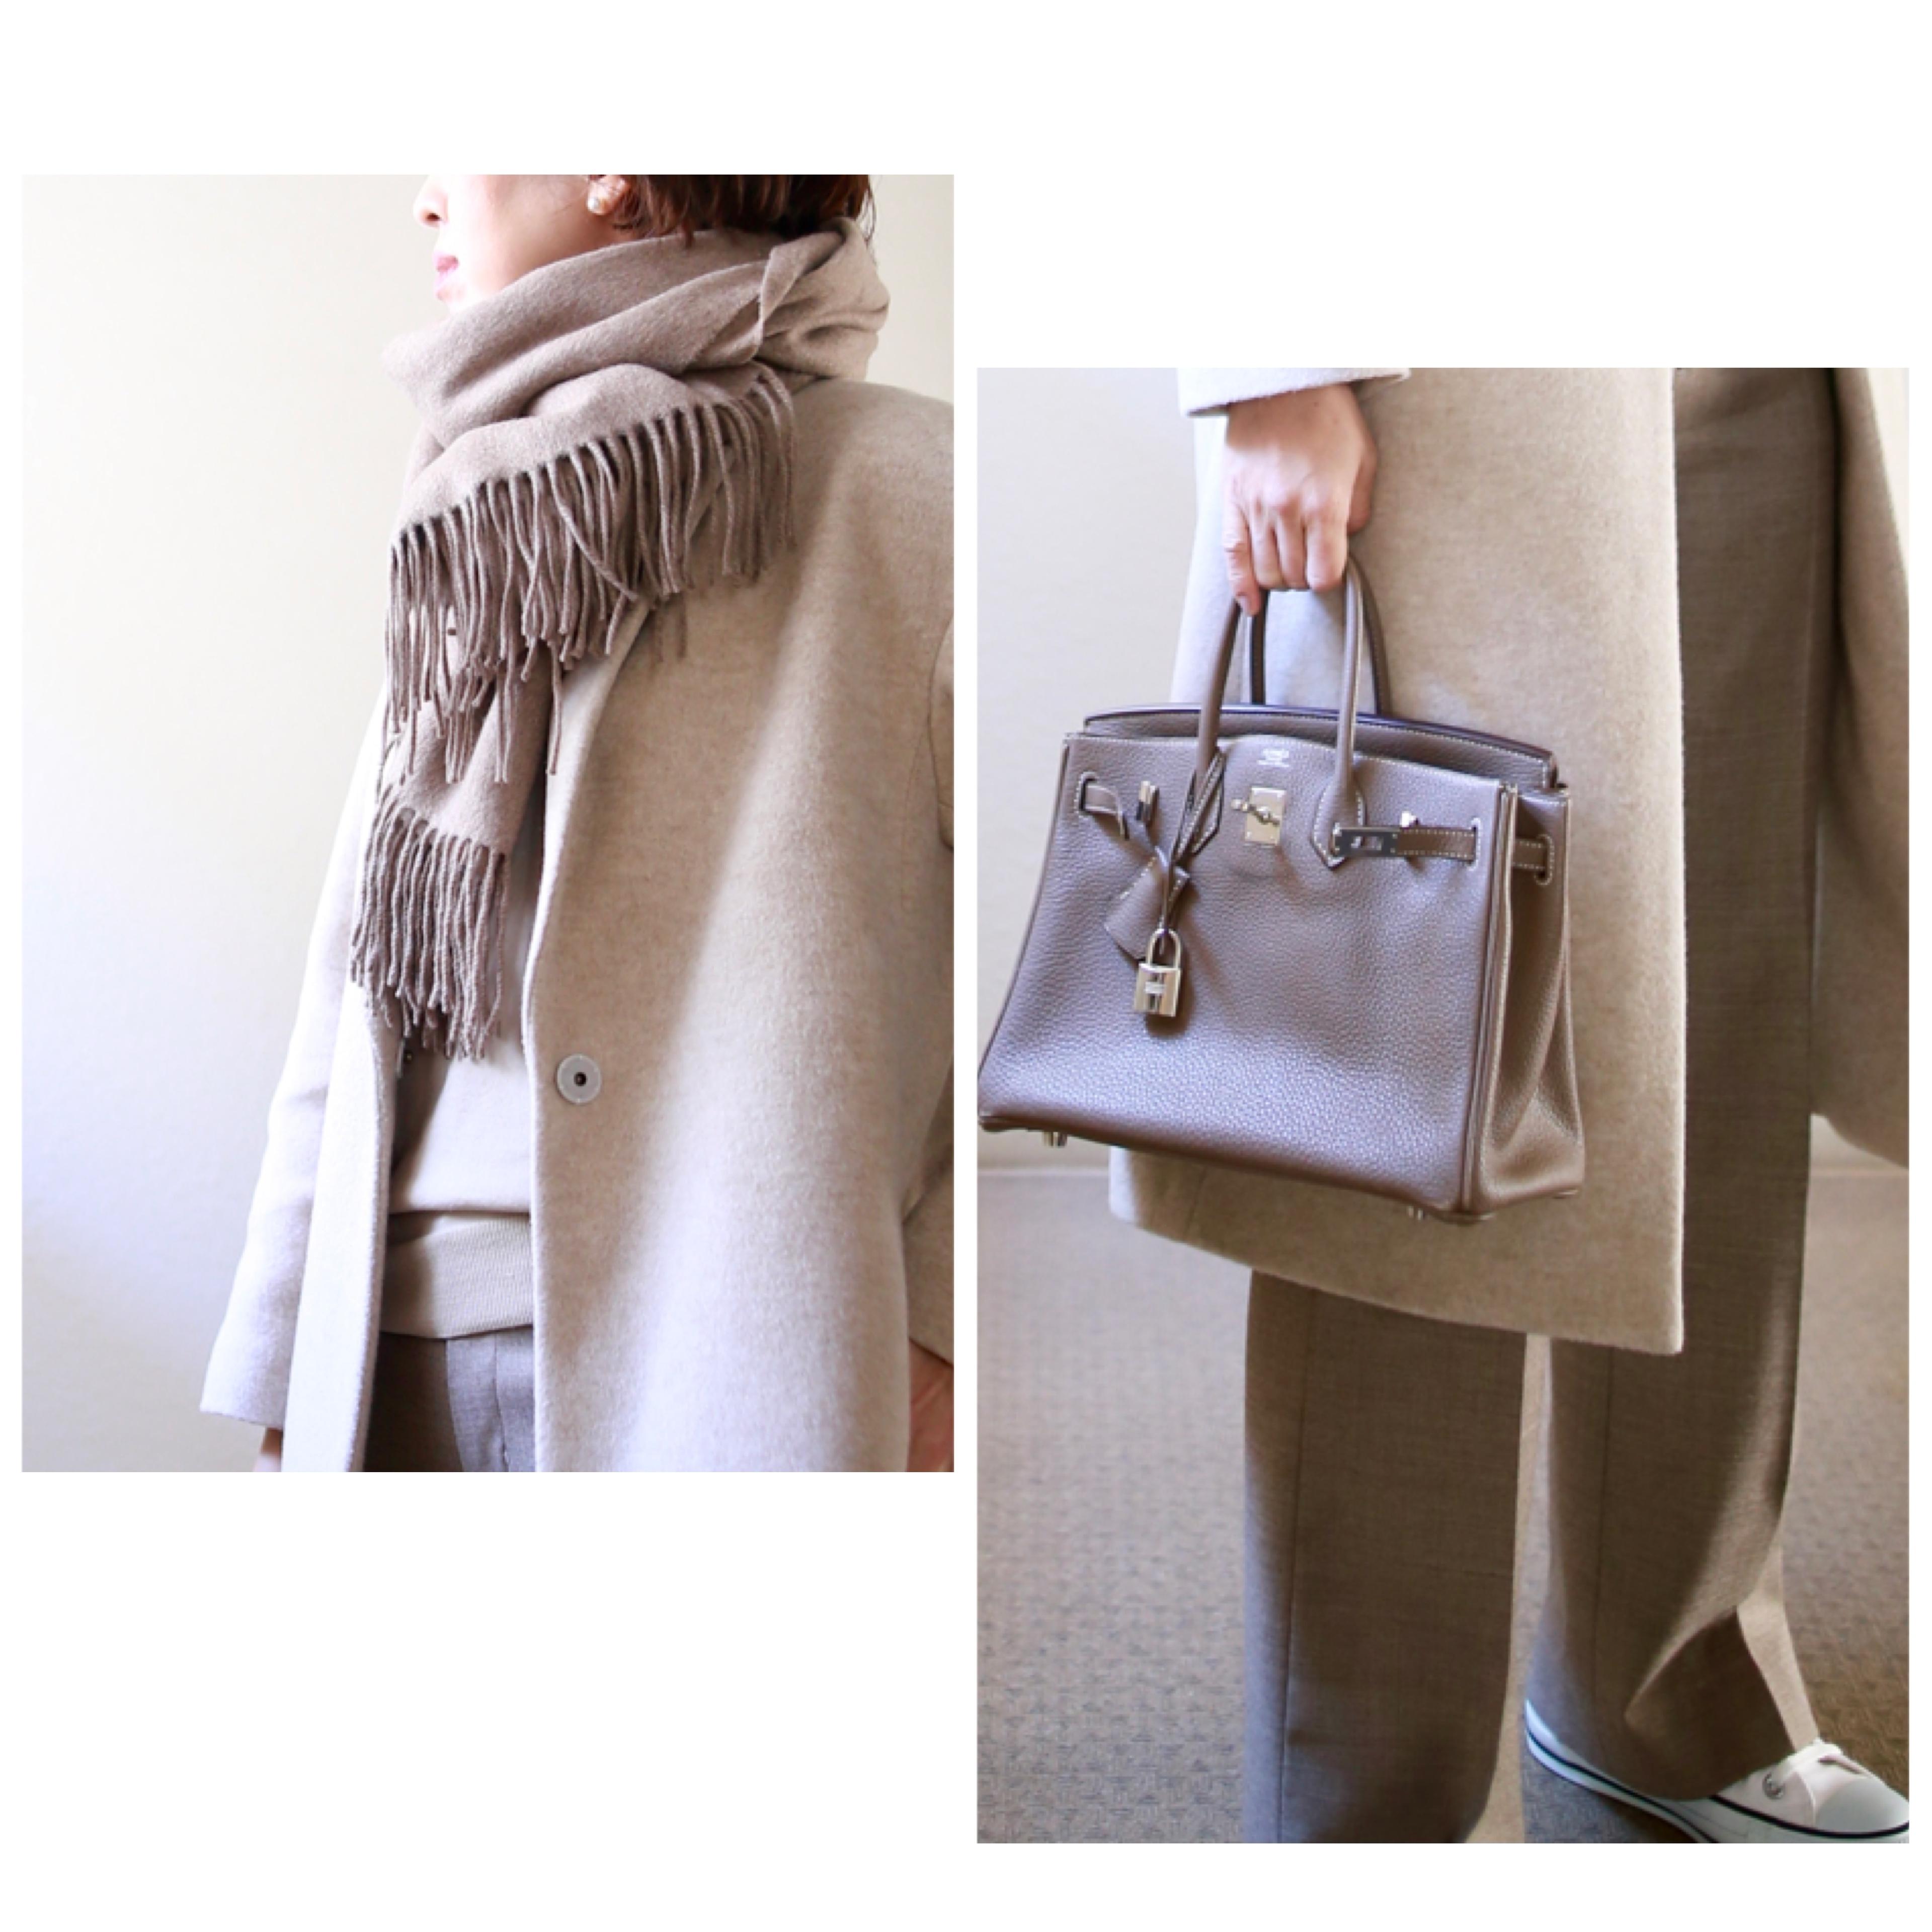 防寒しながら、おしゃれも楽しむ!2月の寒さを乗り切るコーデの秘訣まとめ|40代ファッション_1_27